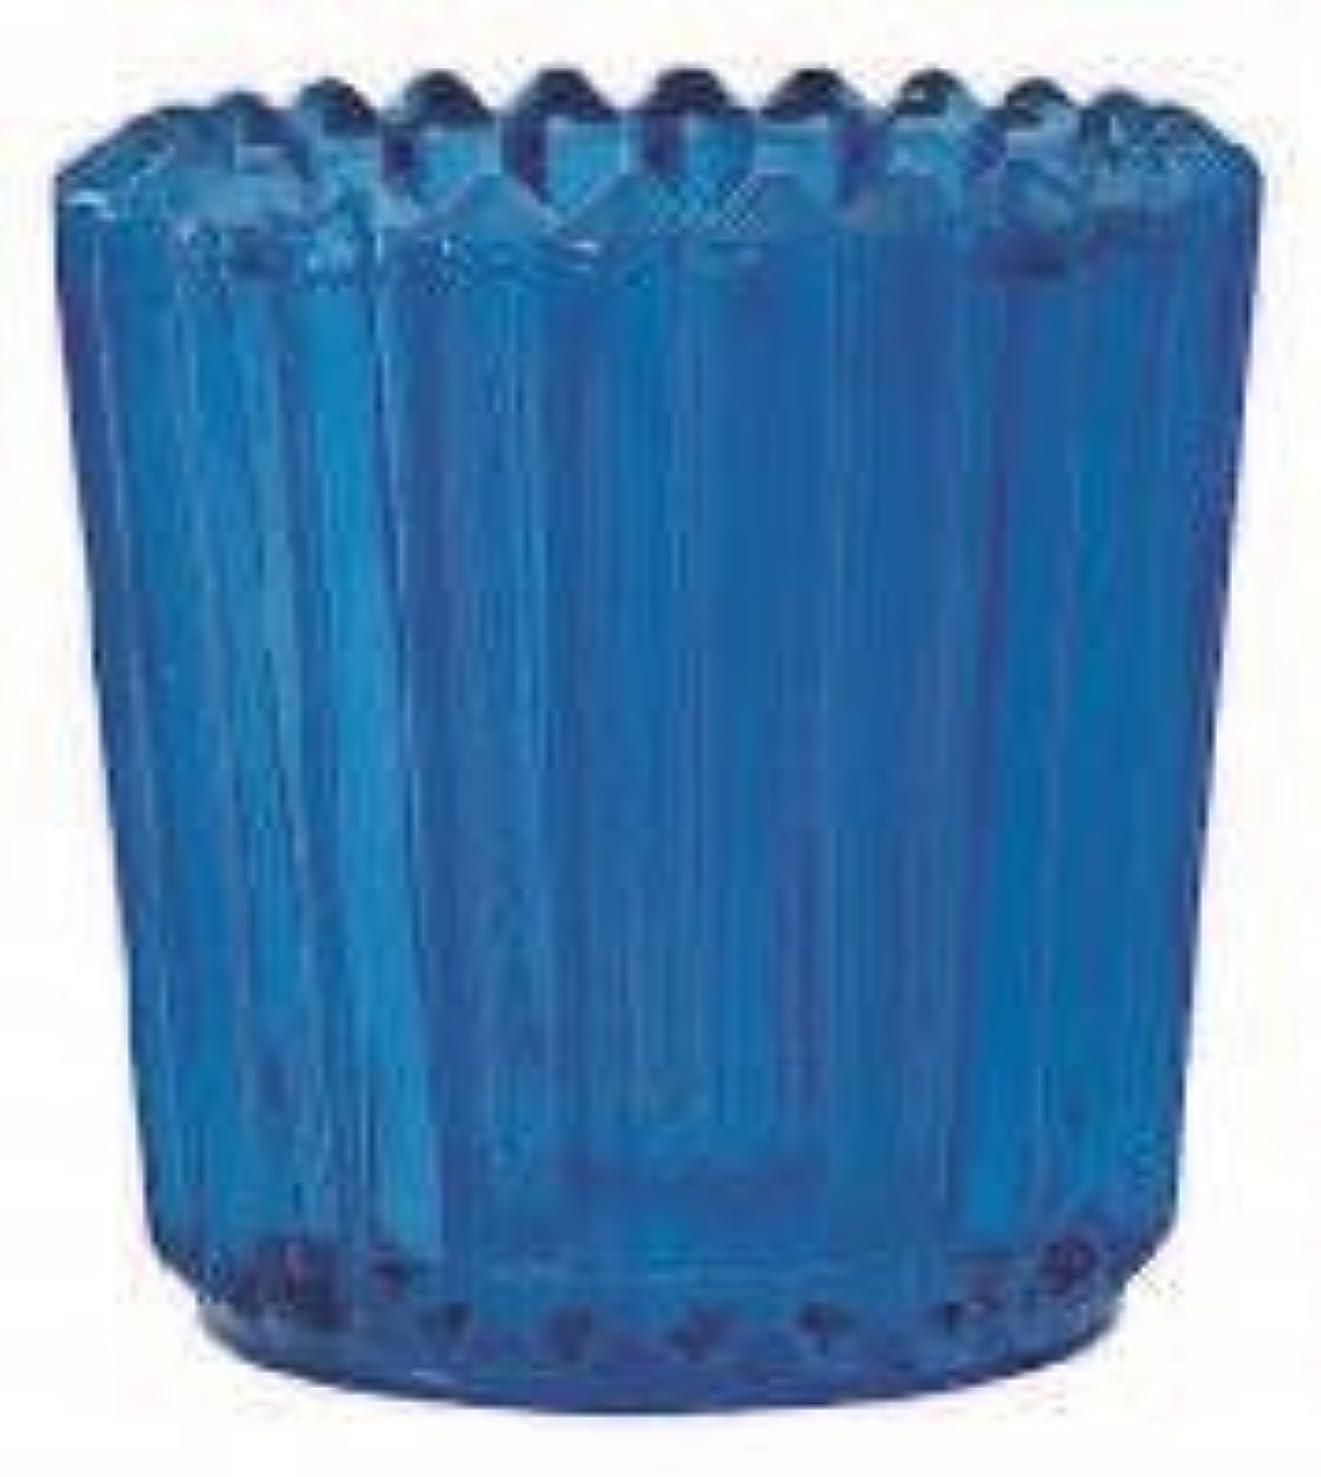 ジュラシックパークパーツ衝動kameyama candle(カメヤマキャンドル) ソレイユ 「 ブルー 」(J5120000BL)